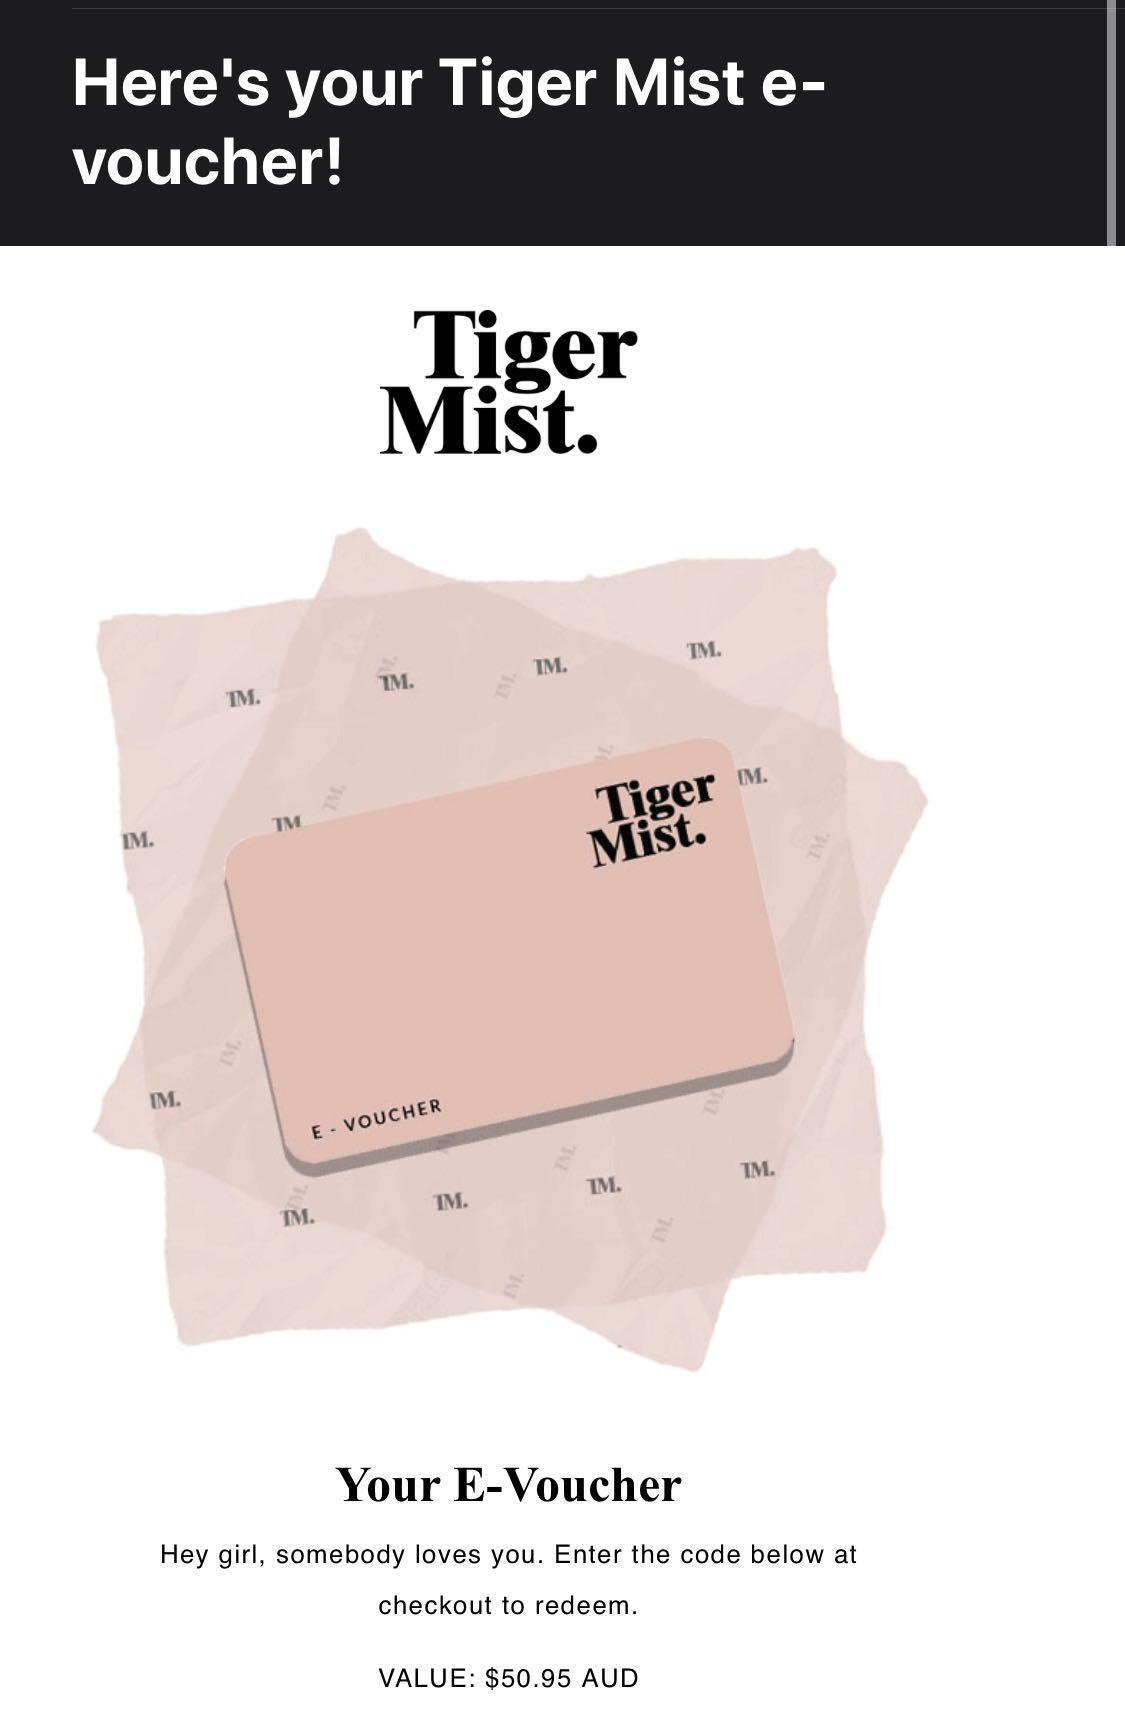 TIGERMIST VOUCHER - $50.95 value! selling under price